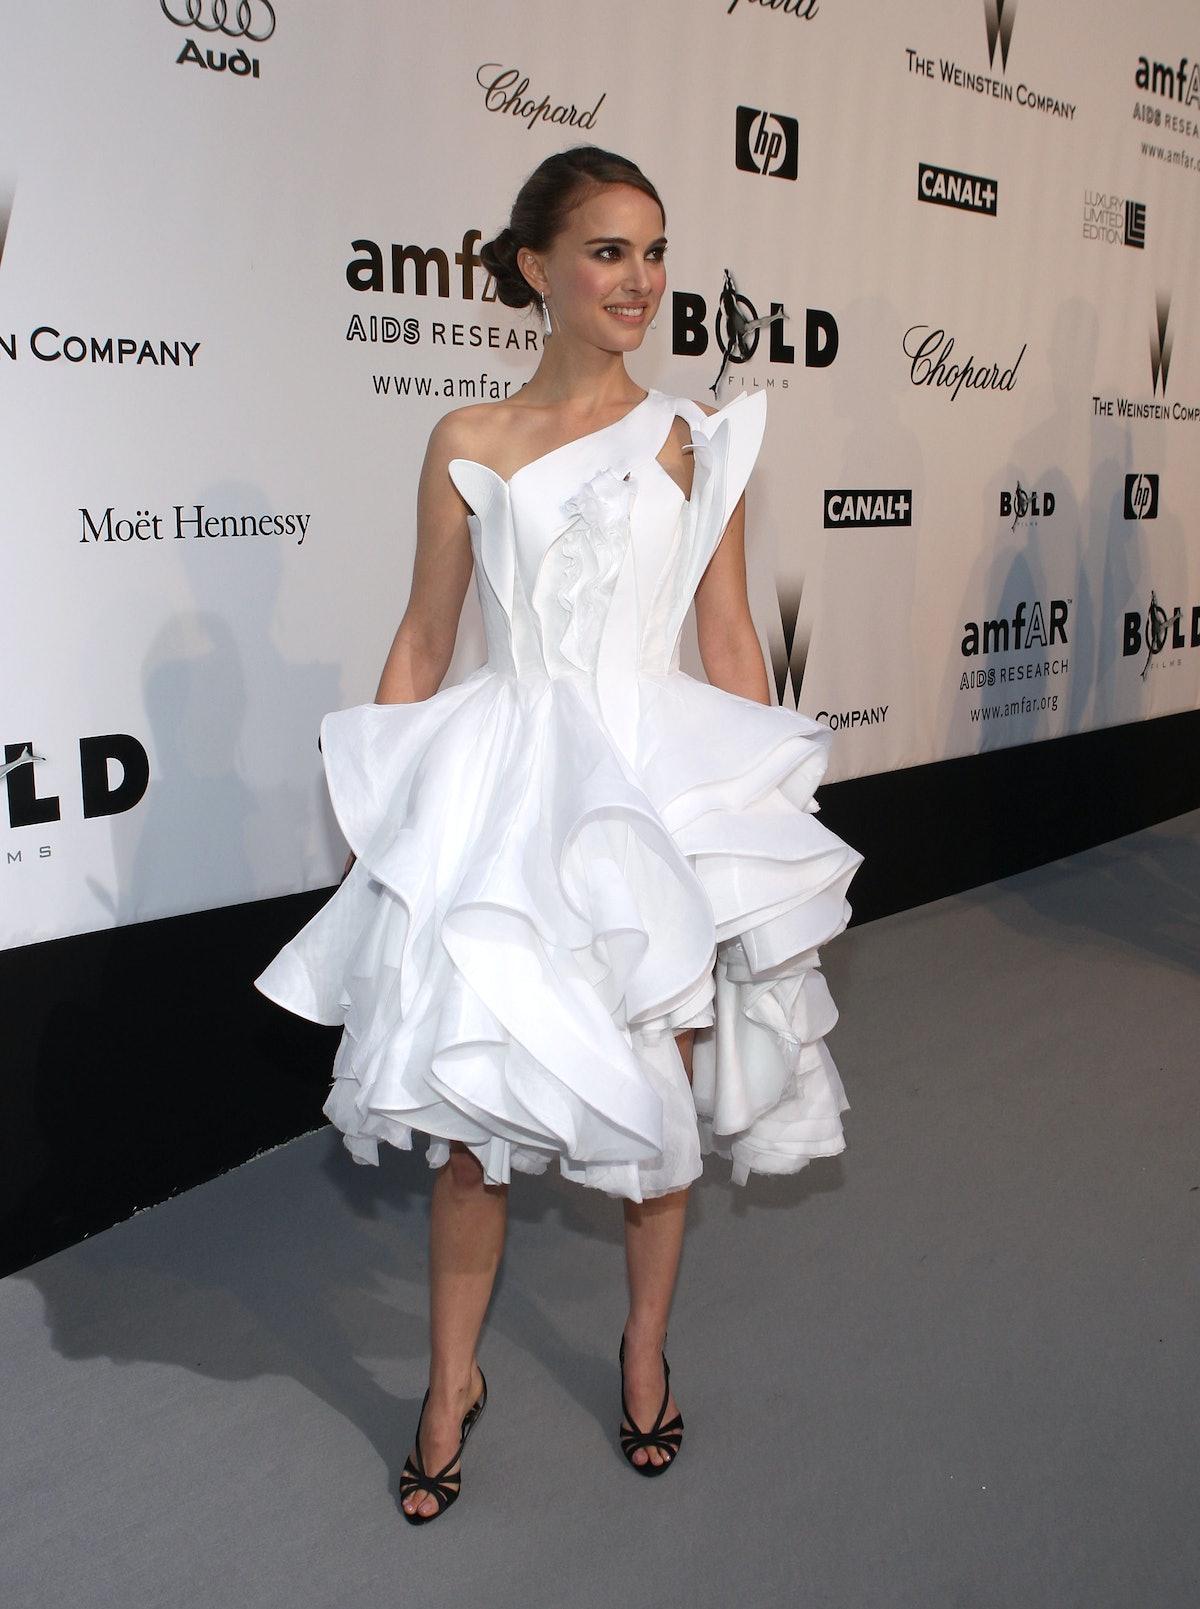 Natalie Portman in white sculptural dress.